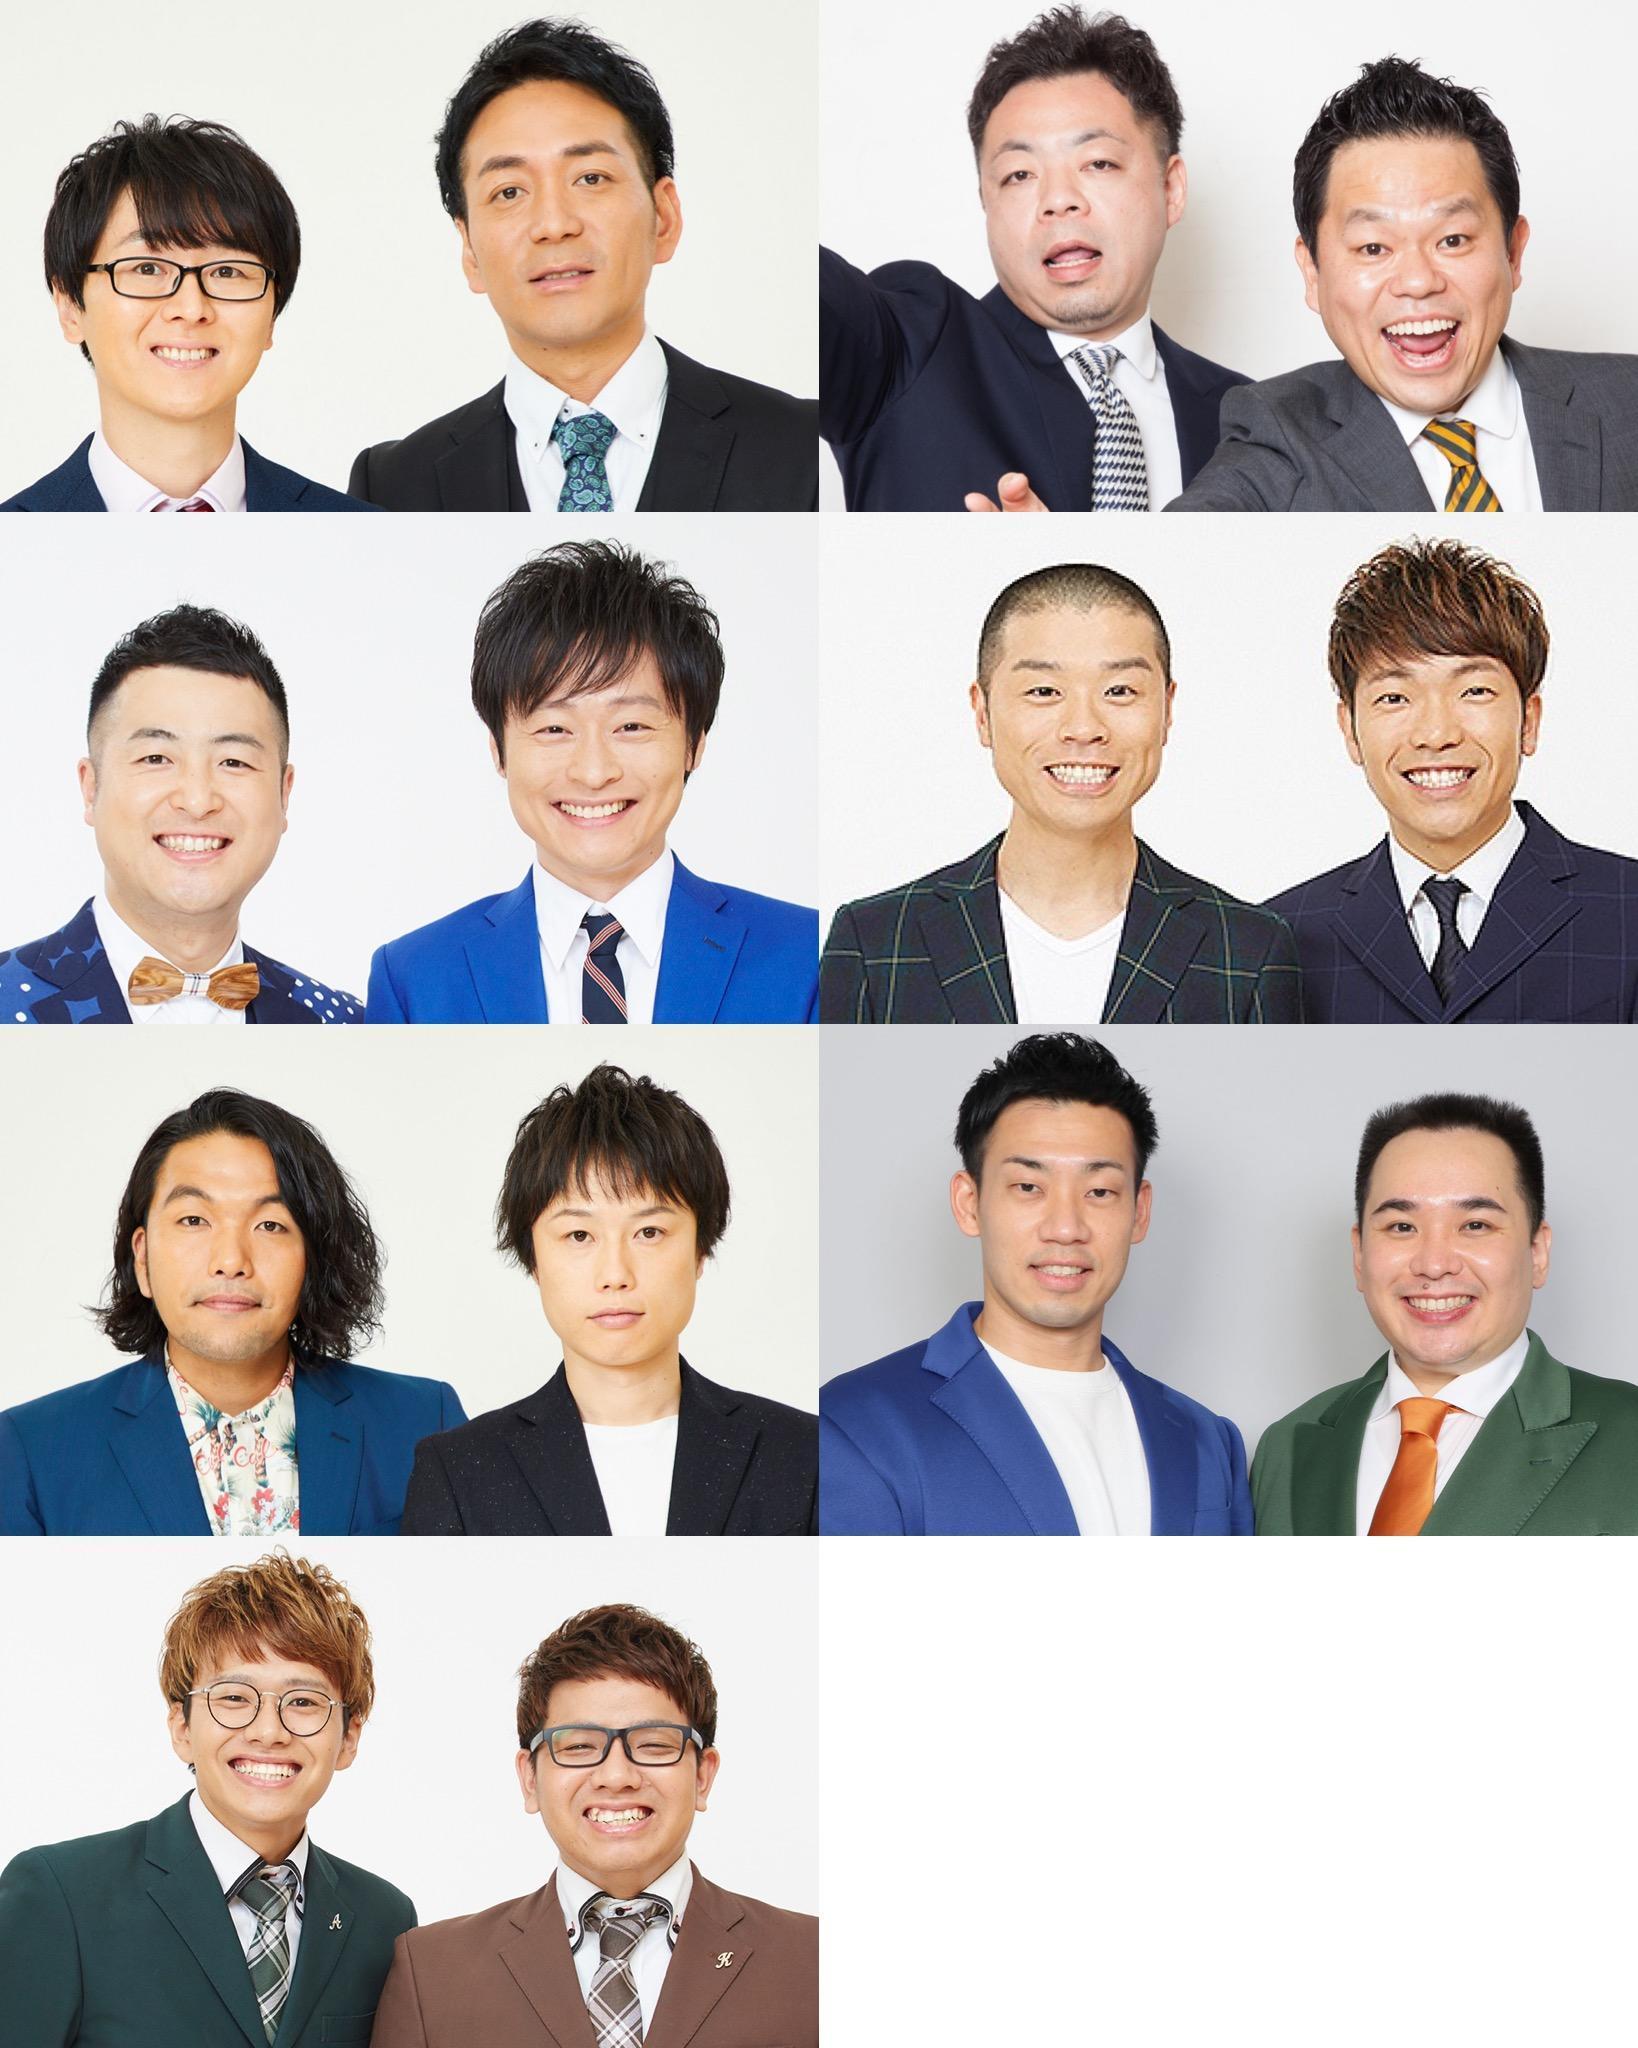 http://www.syumatsu.jp/20210419135151-27557e8efef7098745f207155dfada832f93d4f9.jpg